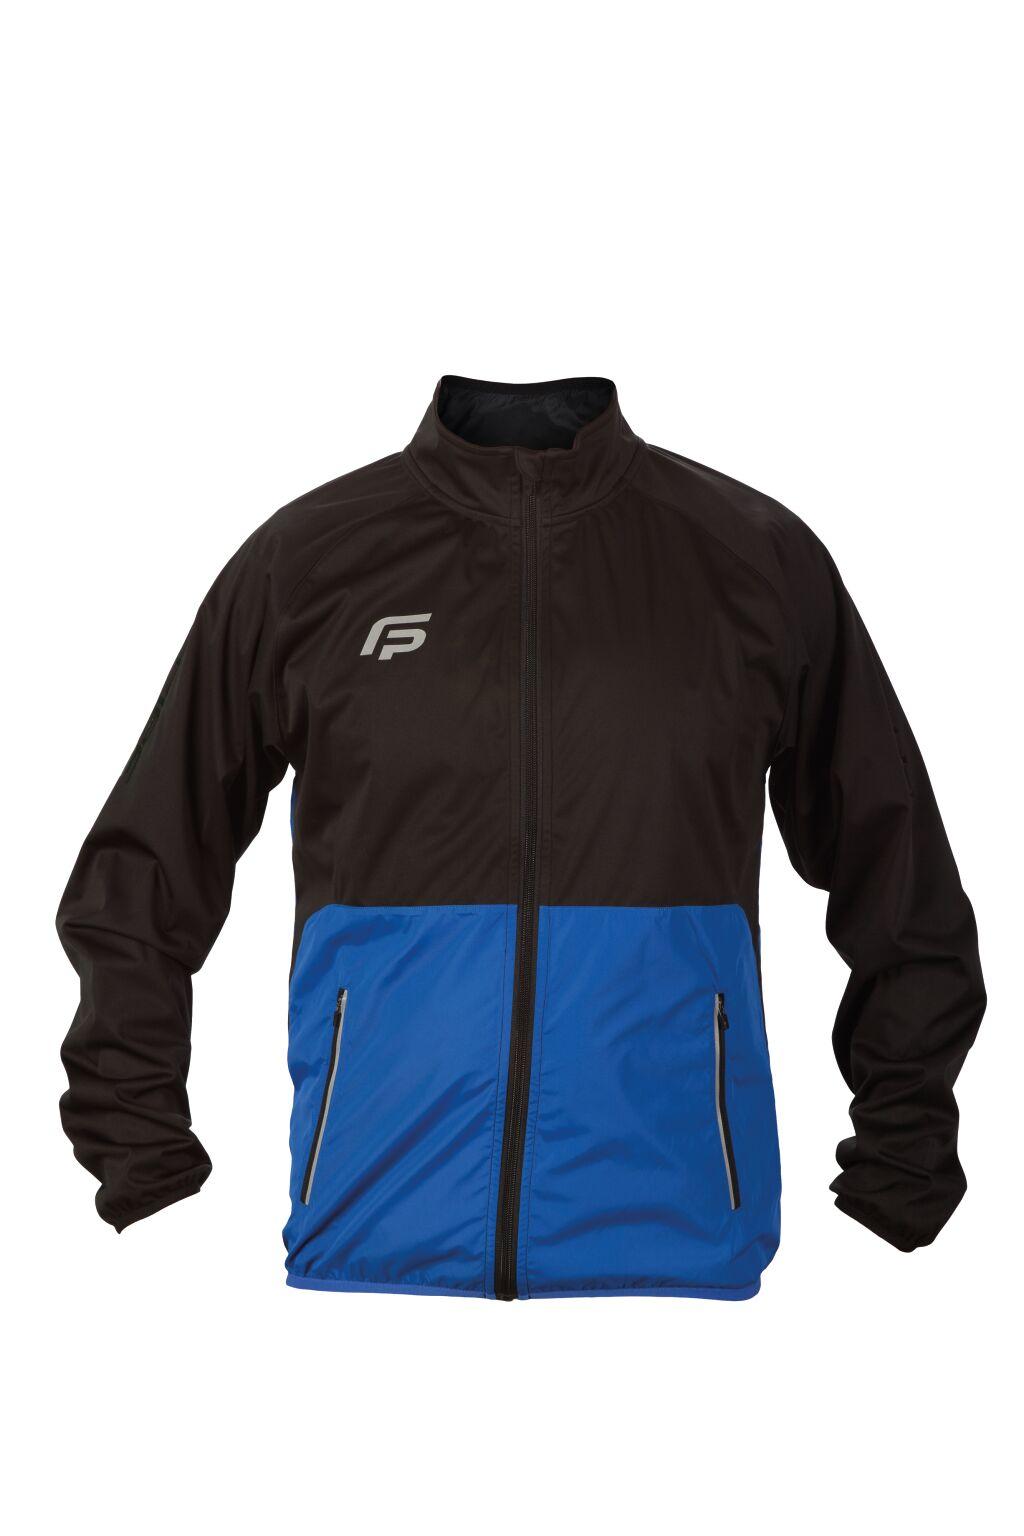 Fat Pipe Jax Training Jacket